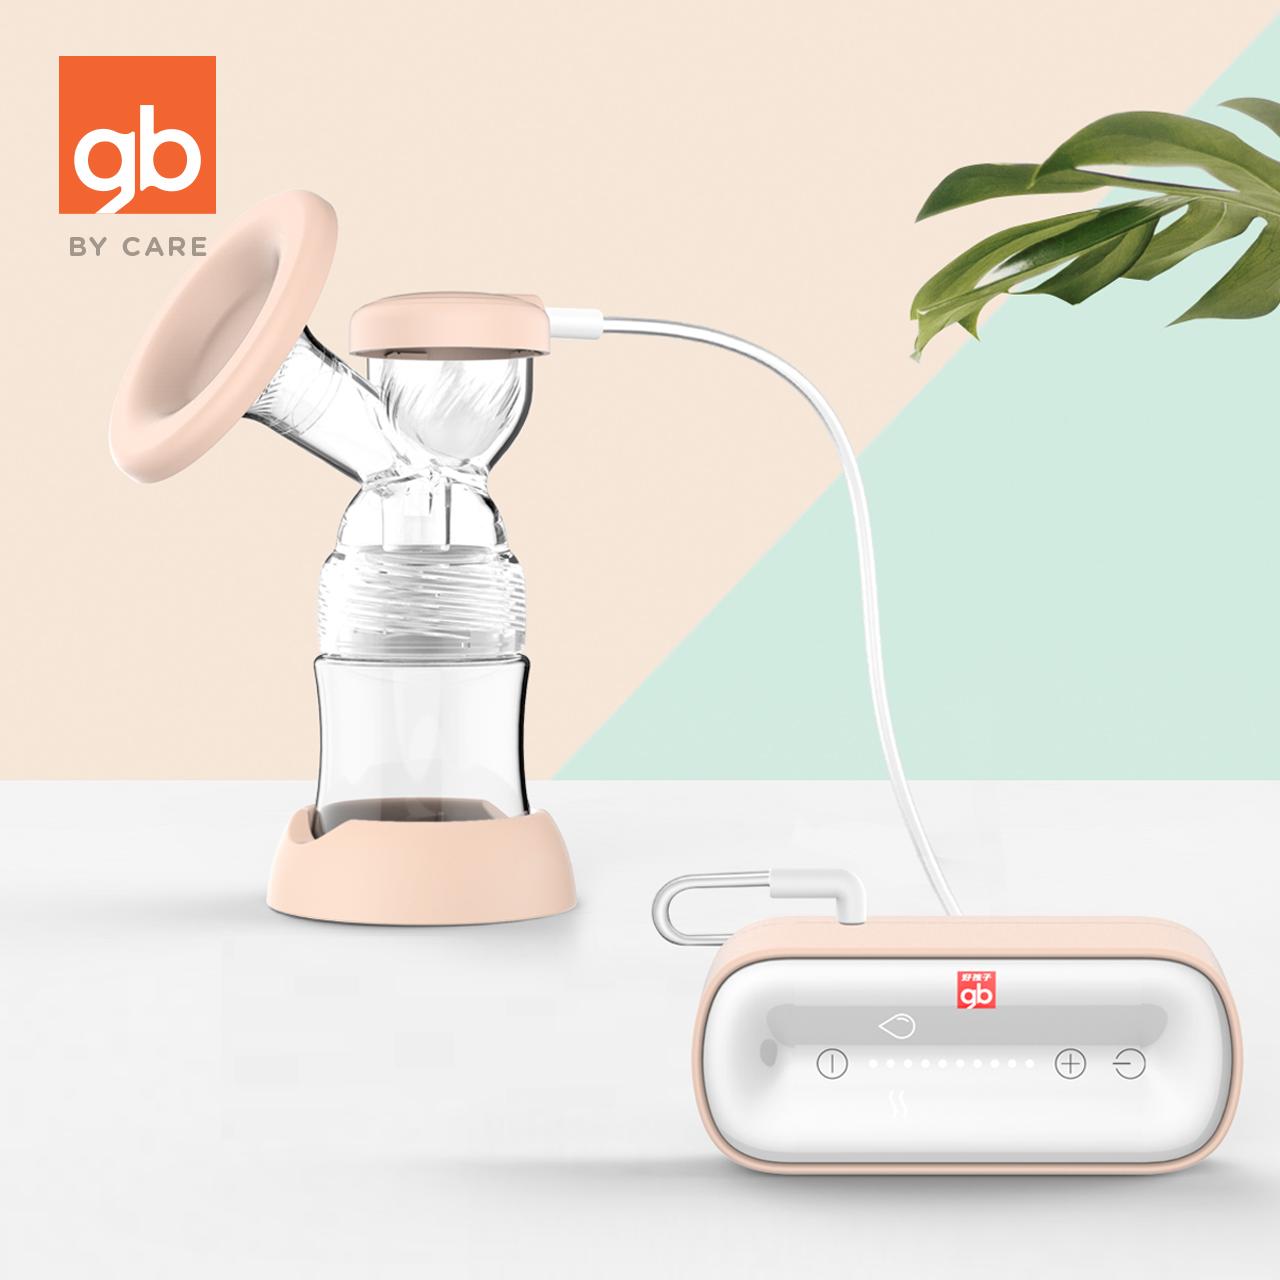 gb好孩子吸奶器电动母乳收集吸力大正品非手动静音产后自动挤奶器